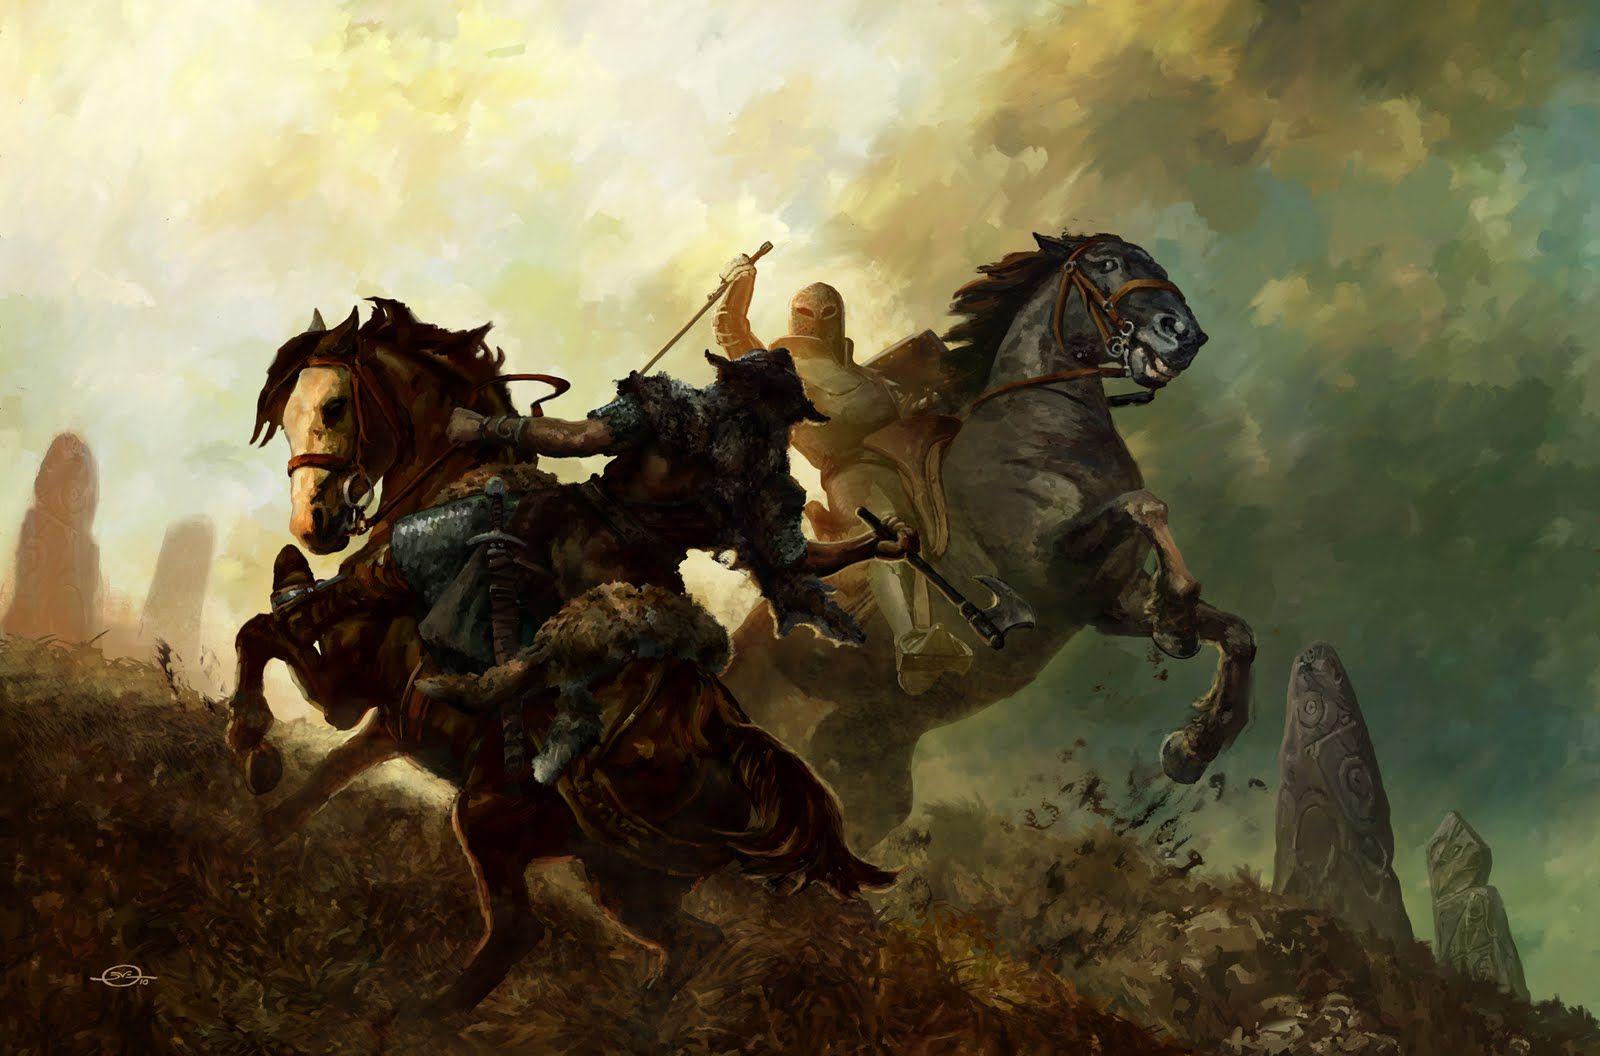 Top Wallpaper Horse Warrior - c90db270502e28605f562d39687dfc06  Image_108171.jpg